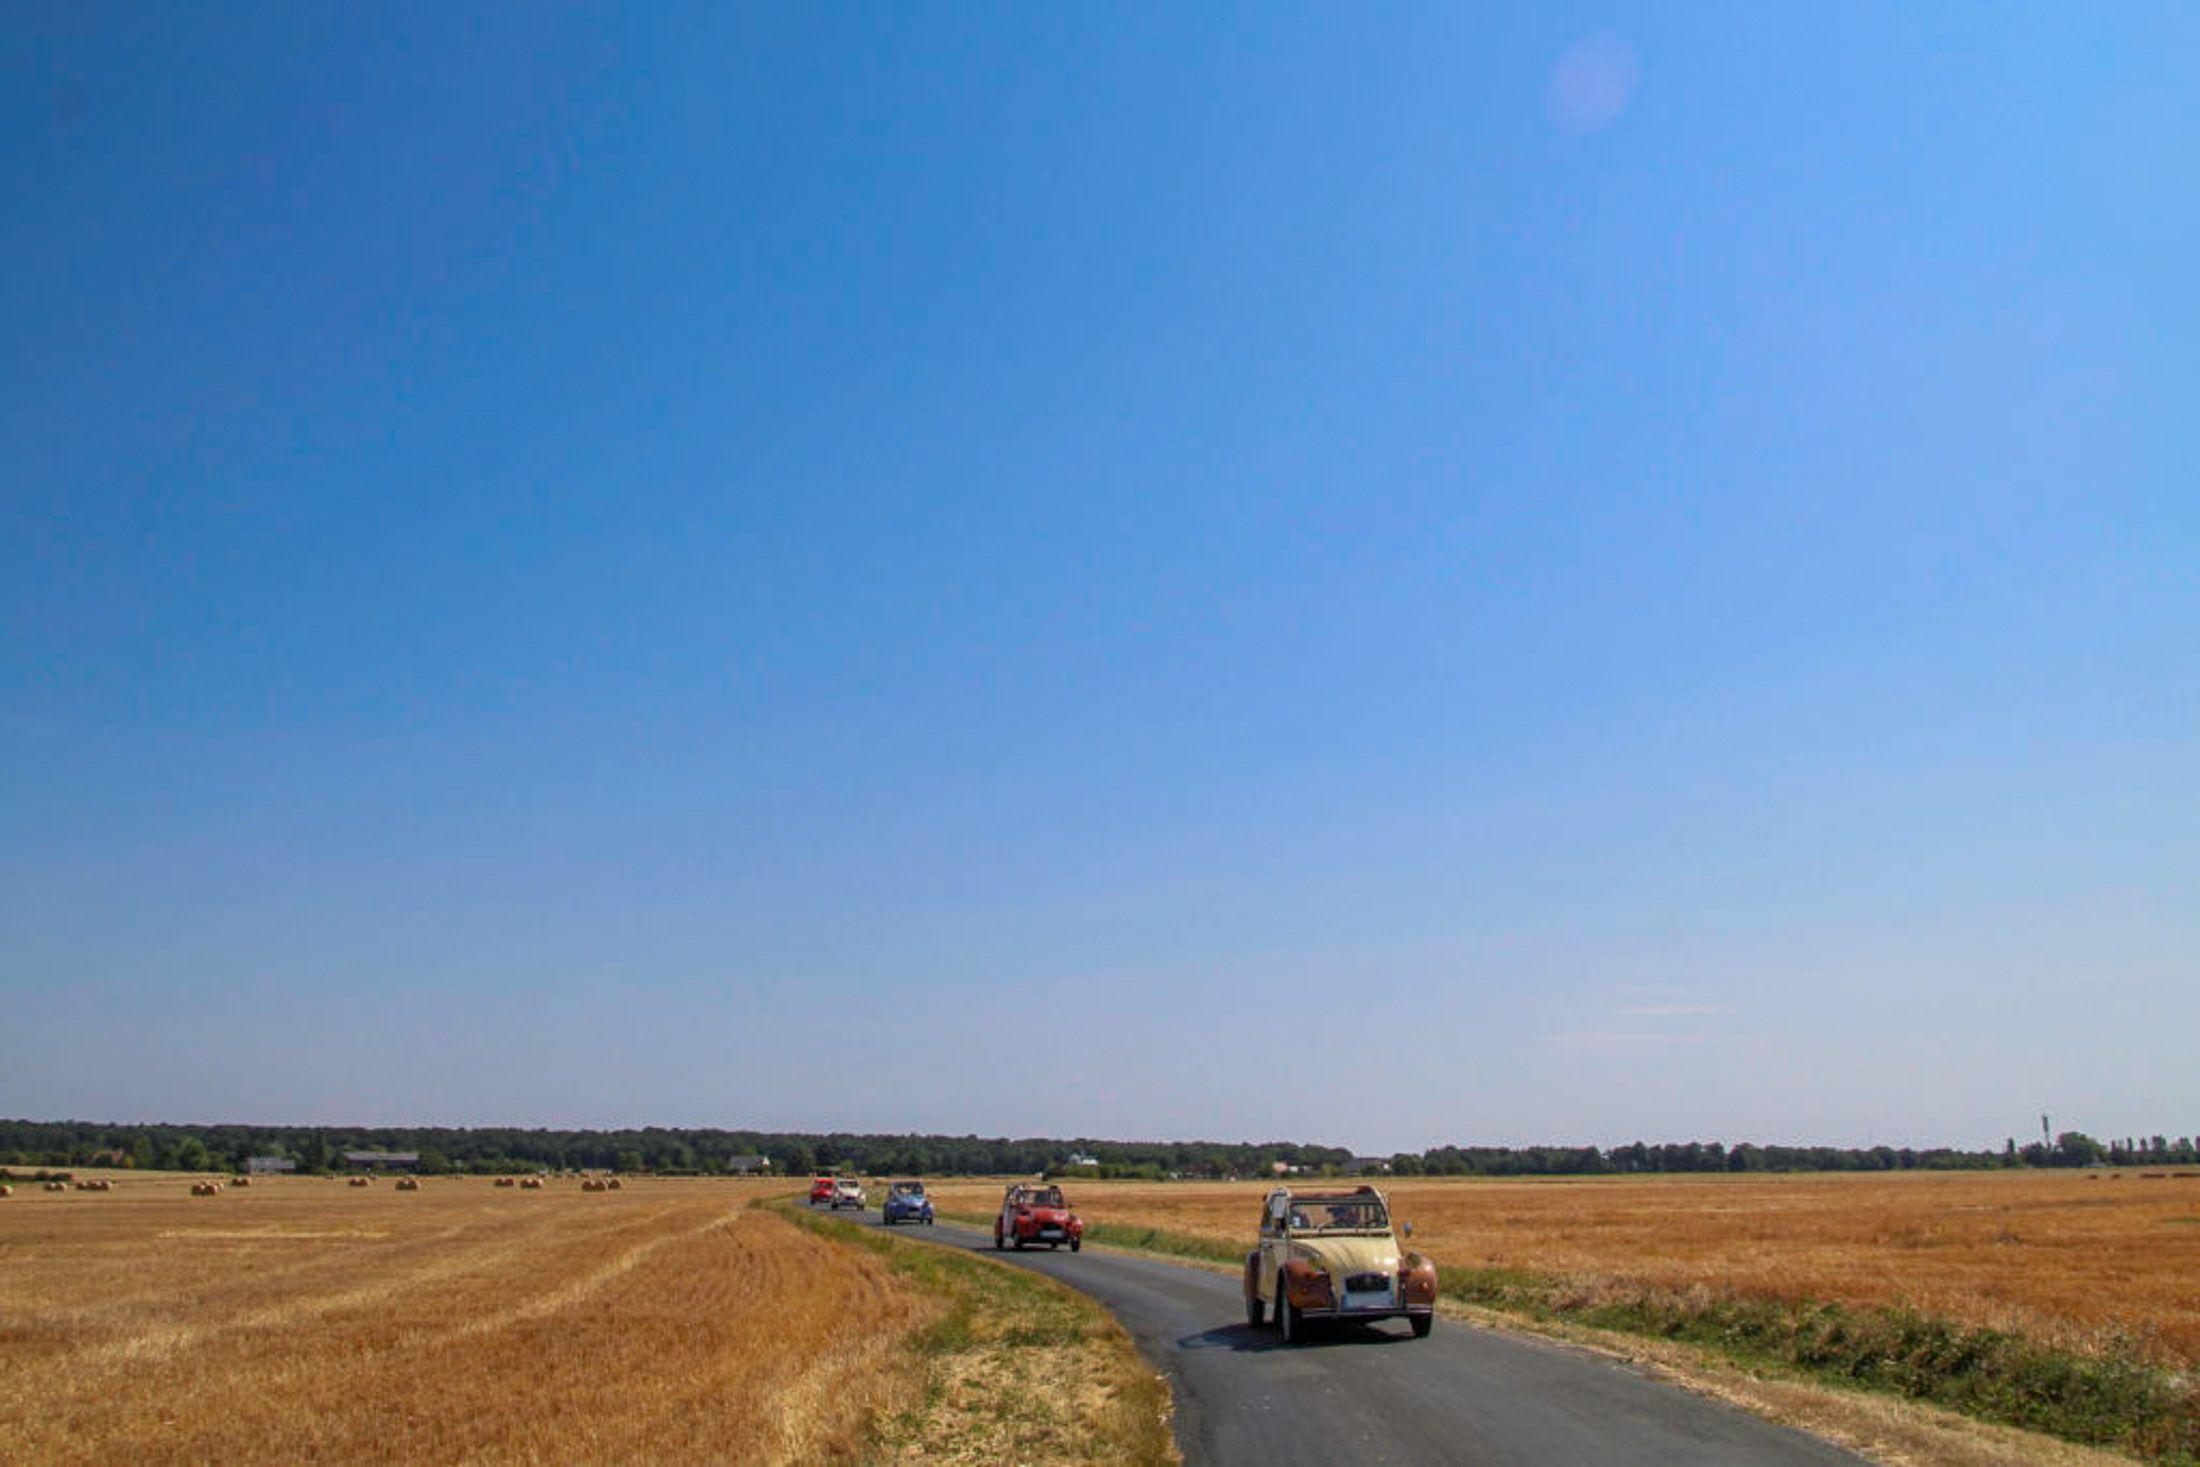 2CV, 2CV legende organisation, vieilles voitures, experience, circuit, rallye, tourisme, insolite, Touraine, autour de chenonceaux, vallee du cher, rallye touristique